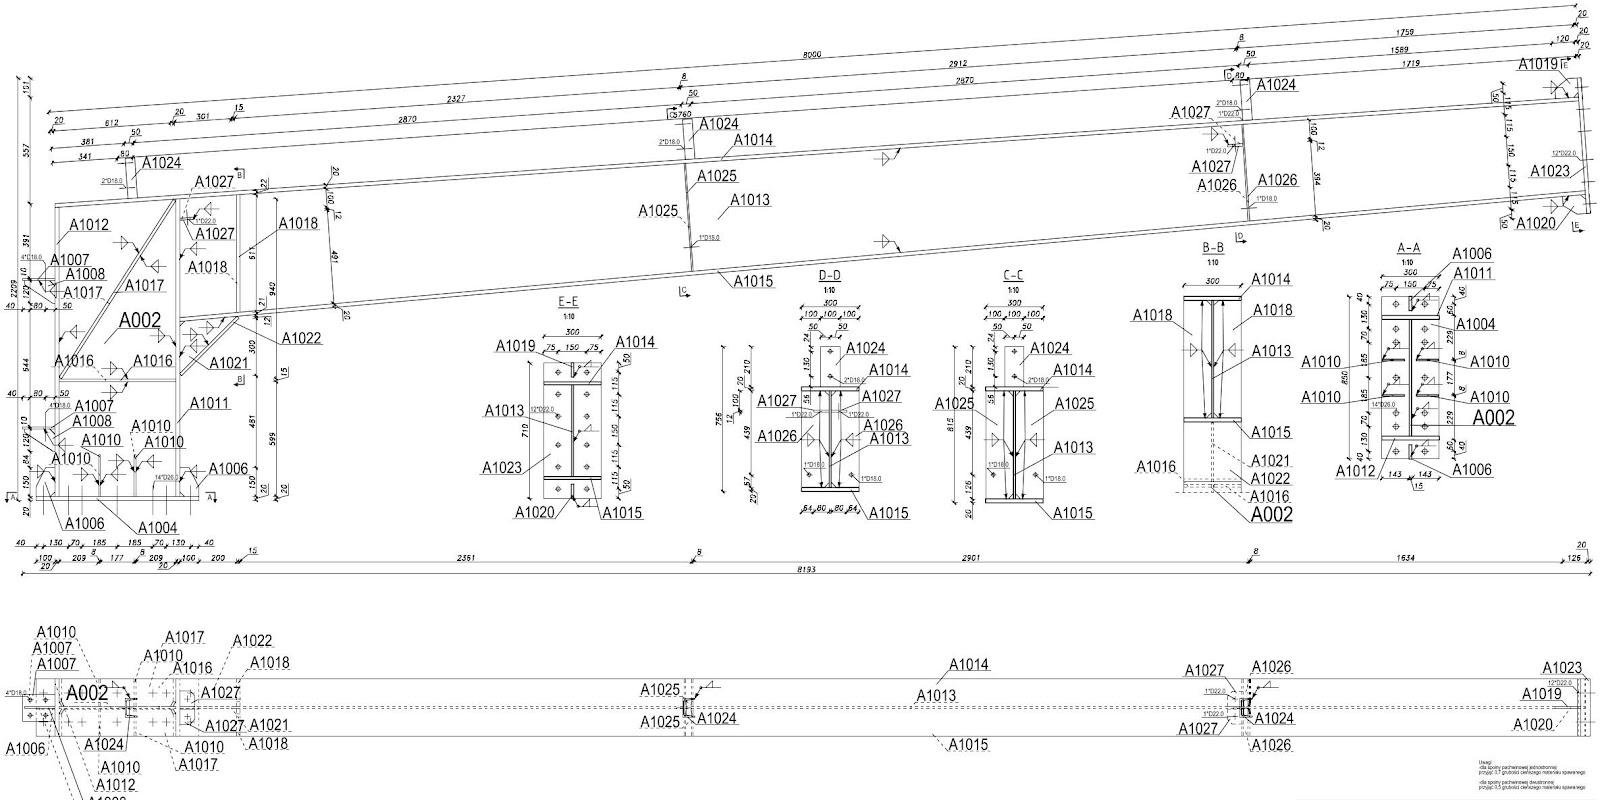 dokumentacja warsztatowa konstrukcji stalowej structure